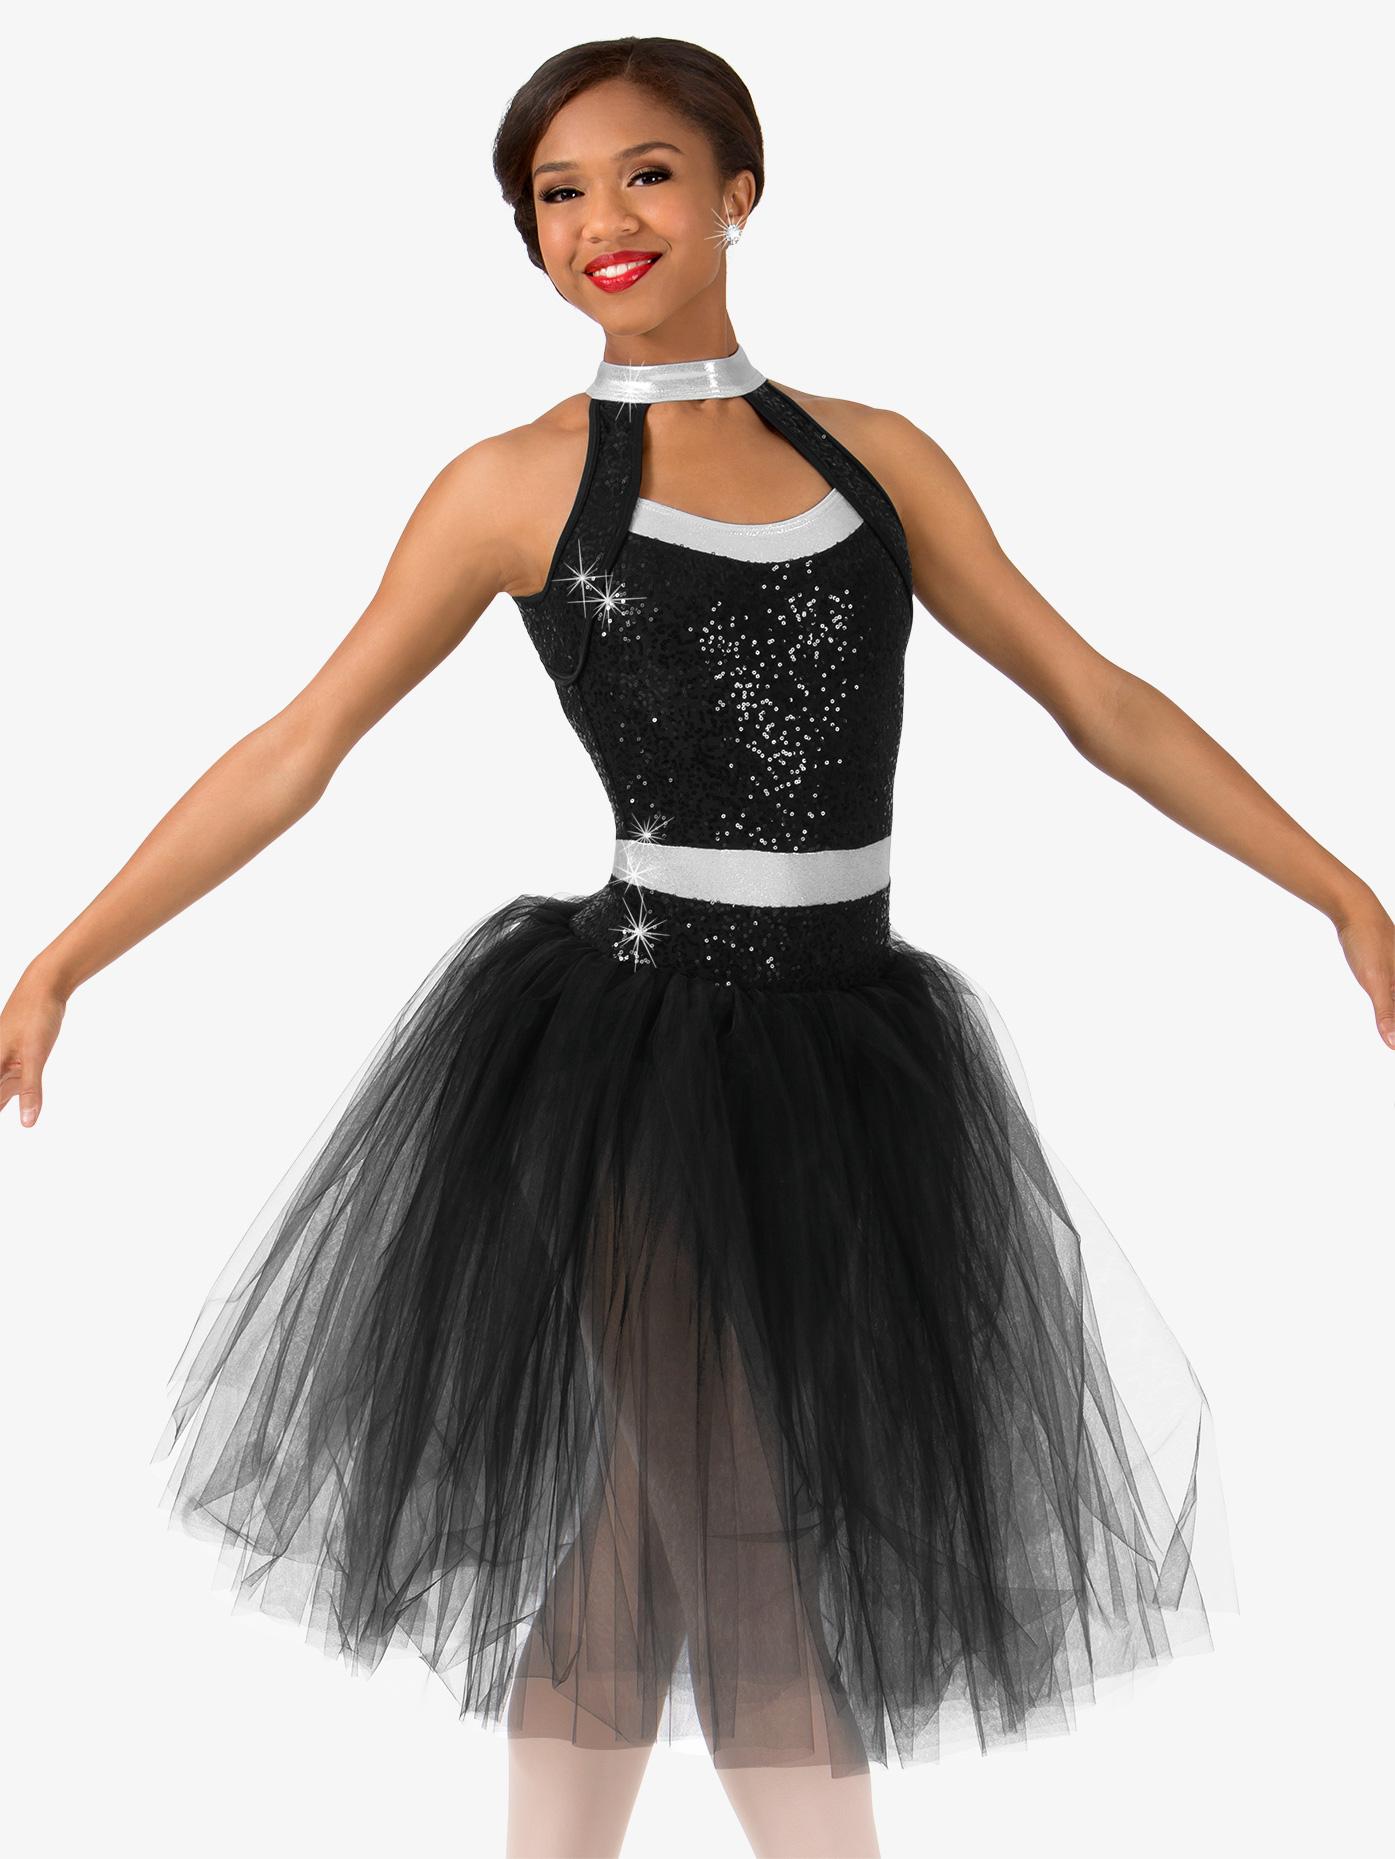 Elisse by Double Platinum Womens Plus Size Sequin Romantic Tutu Performance Dress N7479P